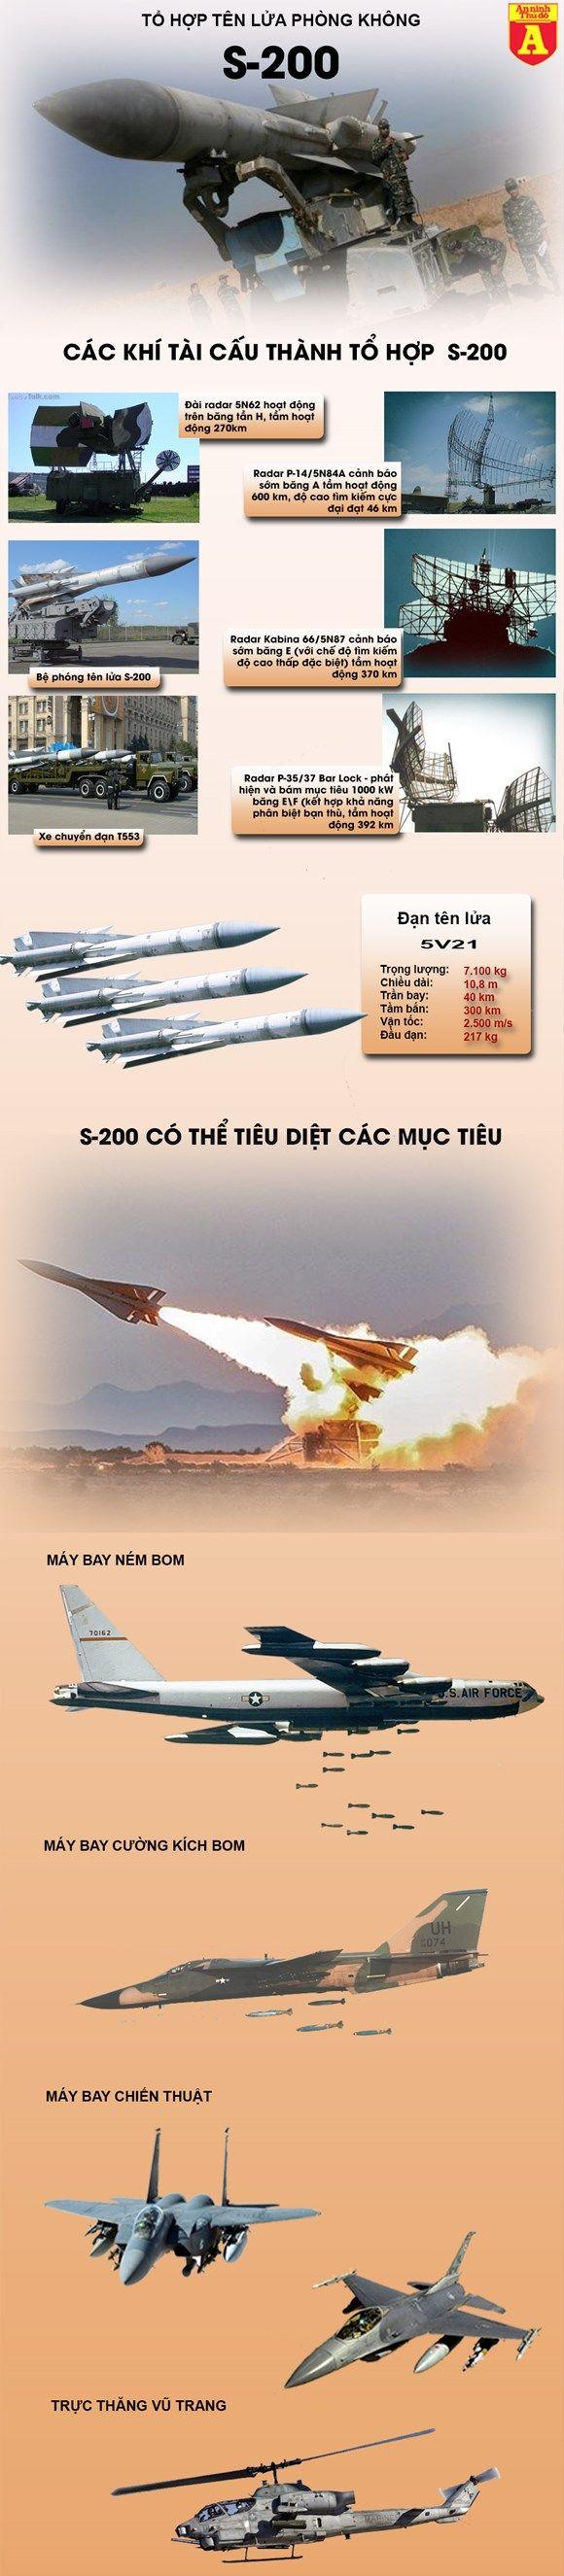 Sức mạnh tên lửa phòng không S-200 Syria vừa khai hỏa.